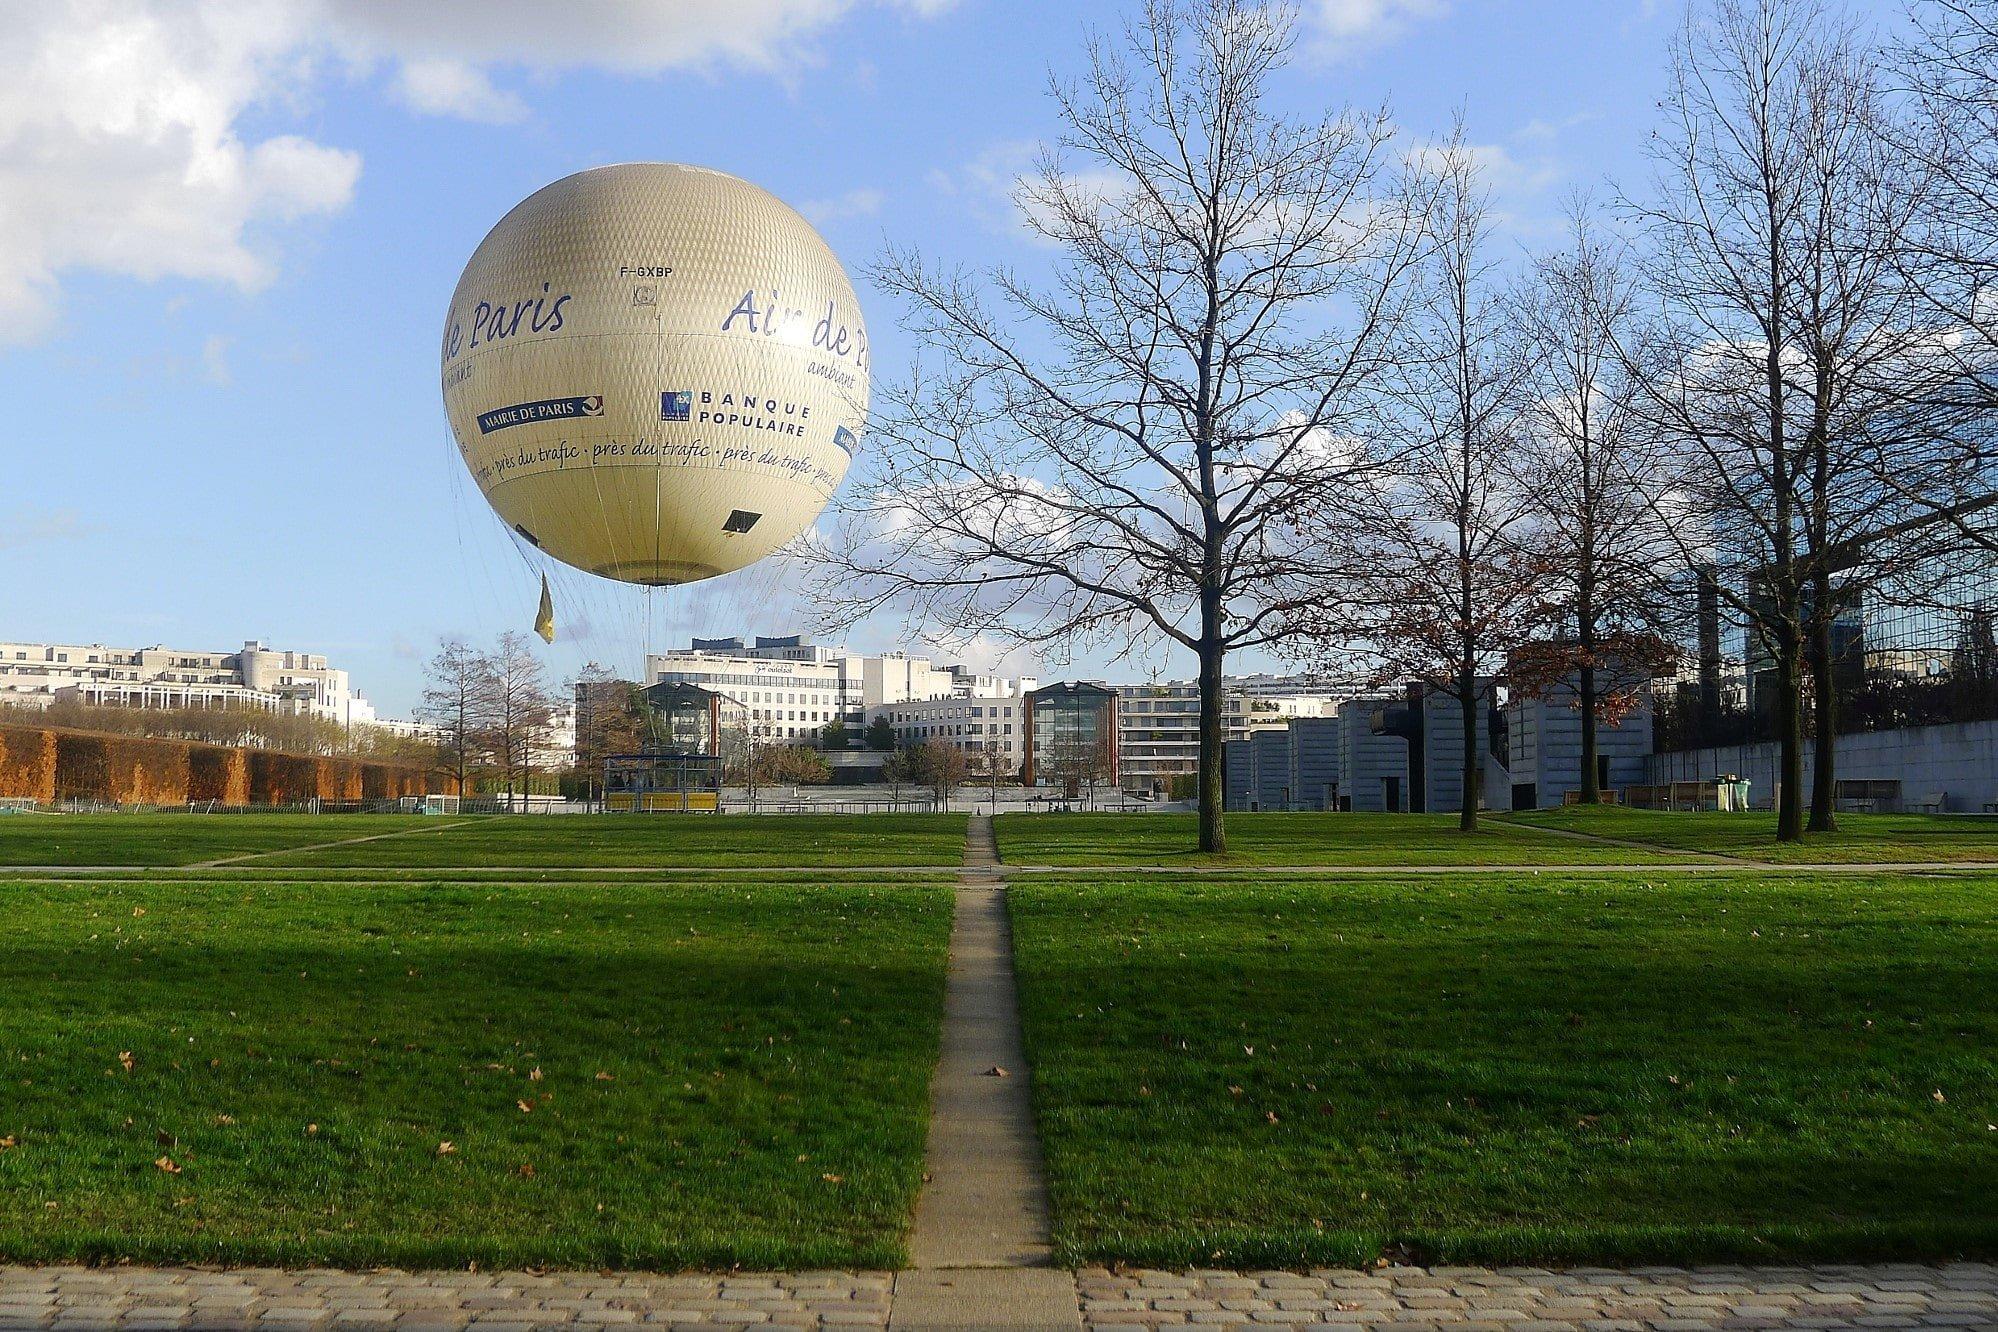 Parc André-Citroën